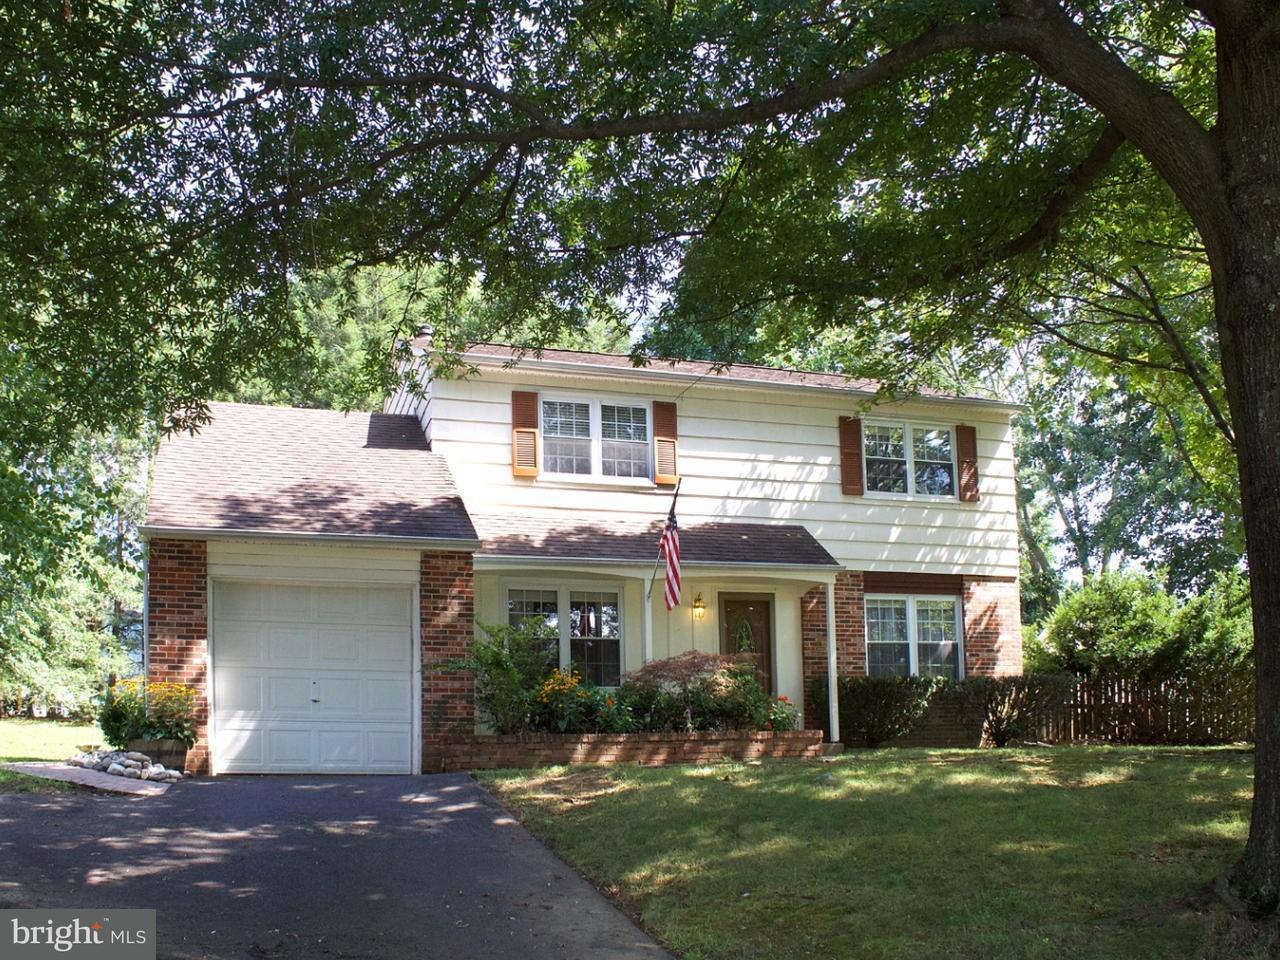 独户住宅 为 销售 在 2427 FLINT Circle Feasterville, 宾夕法尼亚州 19053 美国